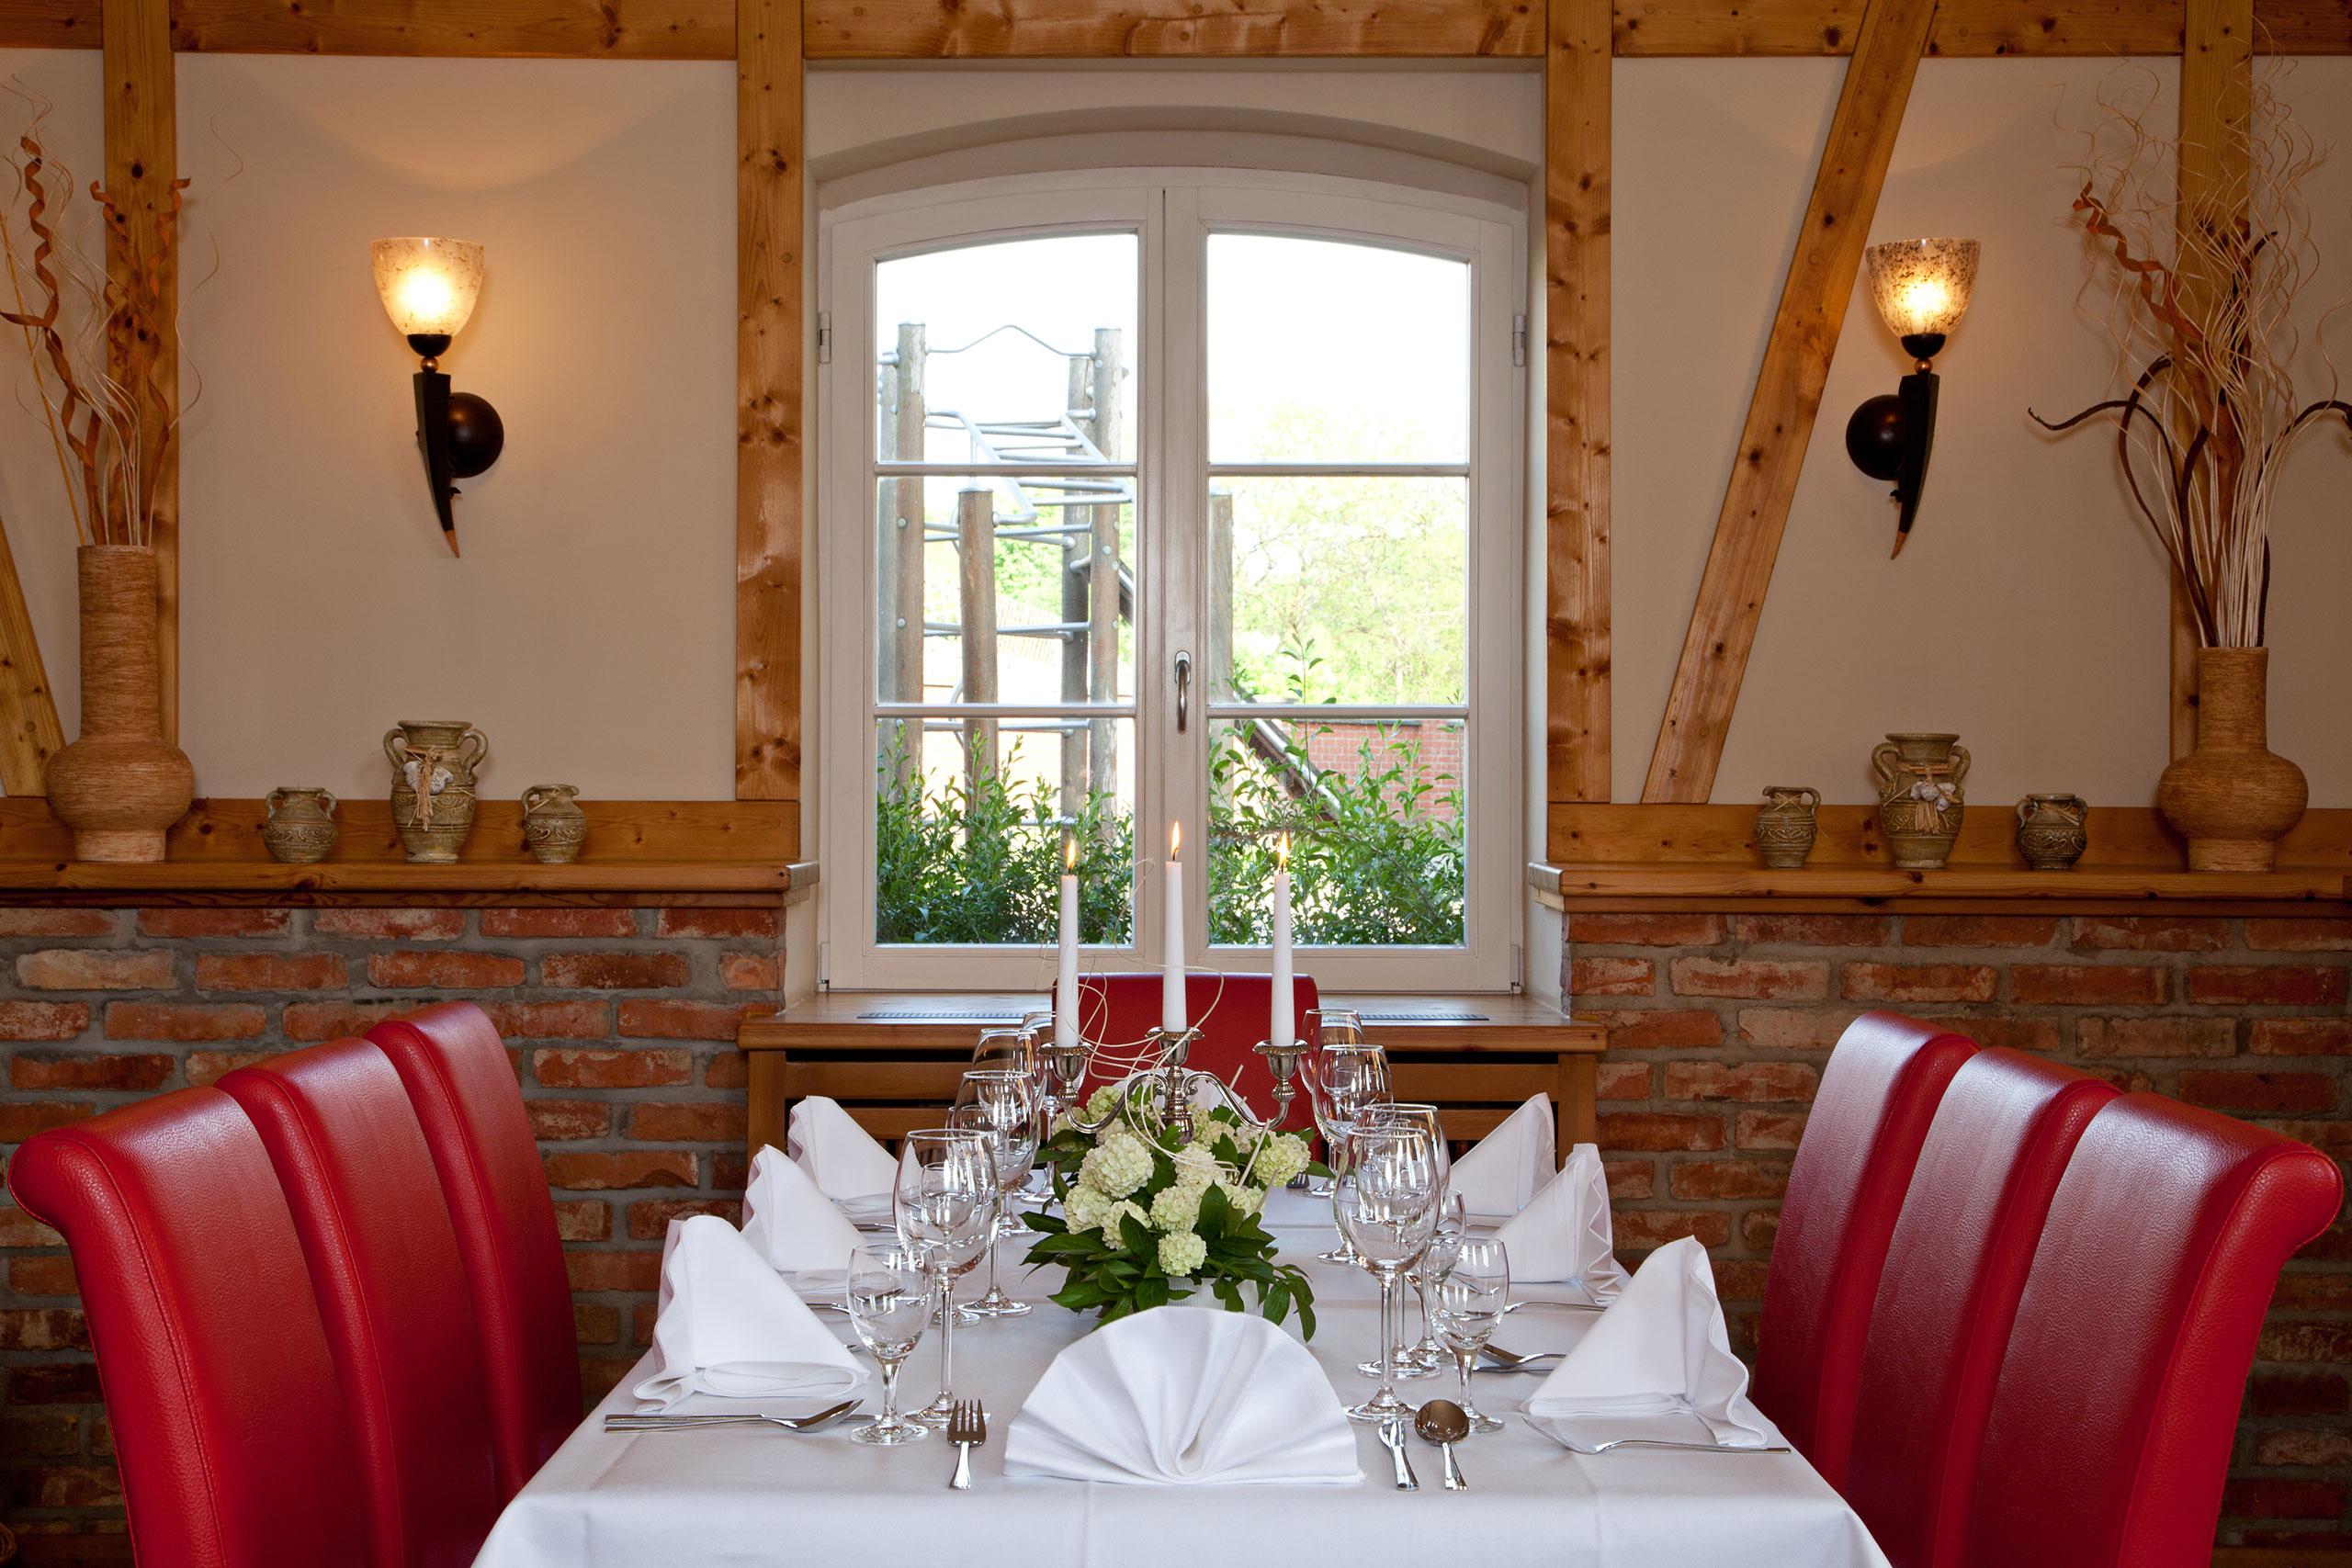 Familienfeier festliche Abendtafel